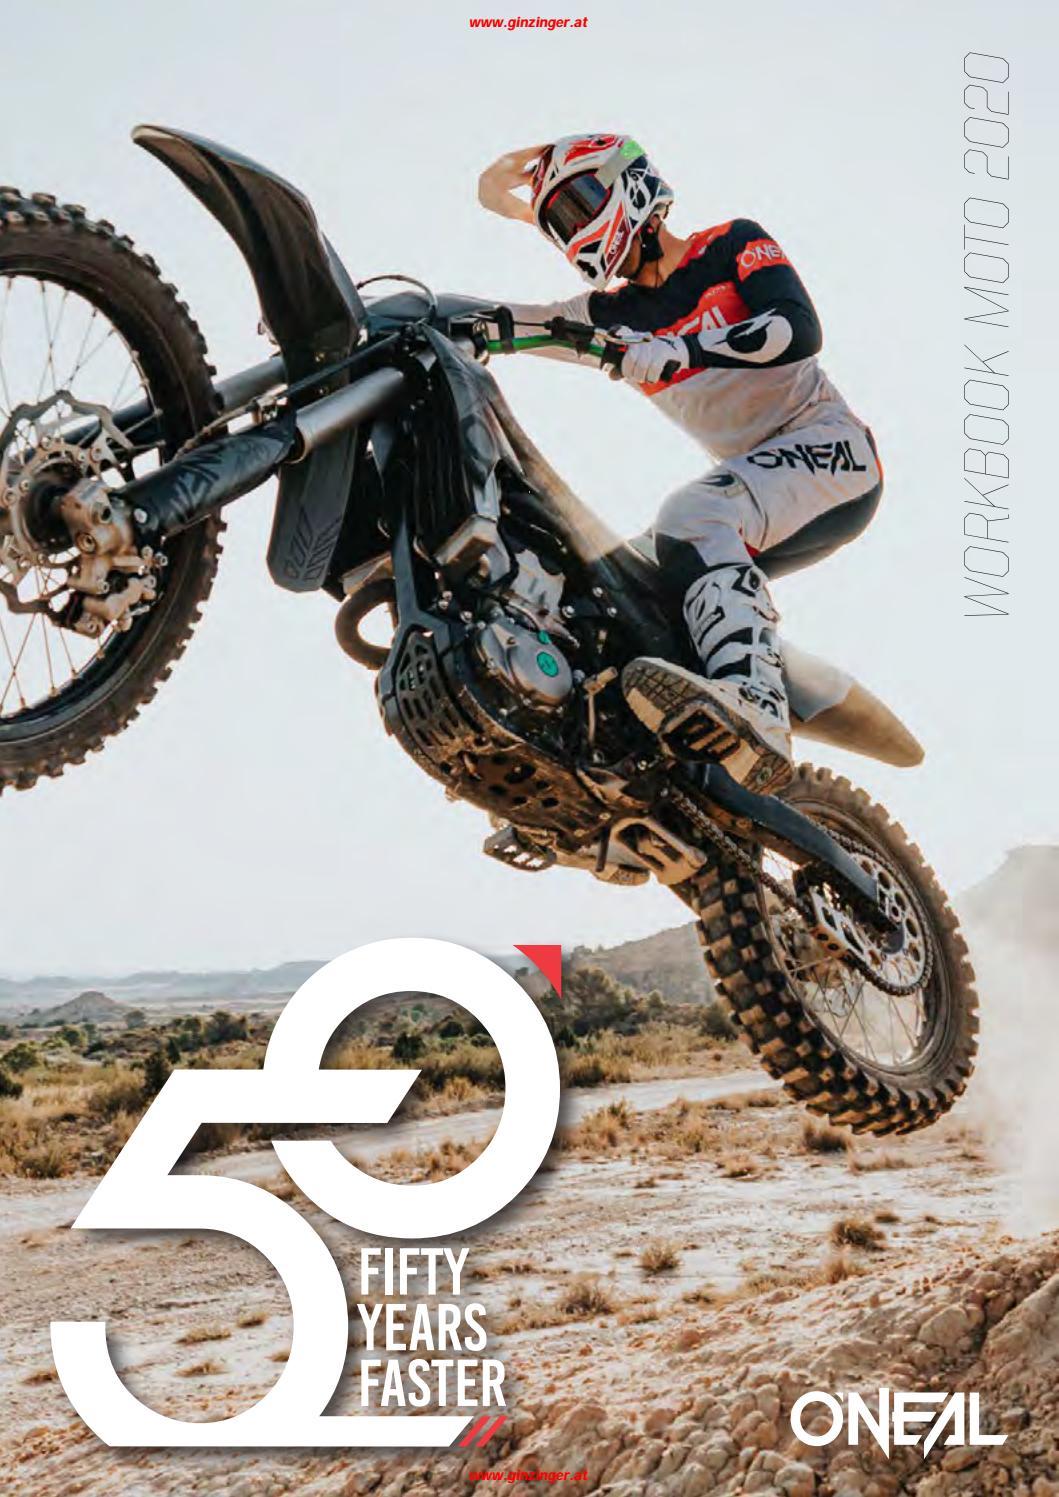 Oneal Motocross Grips Mx Grips Waffle Pink Motorcycle Enduro Mx Cross Cinemayema Ir